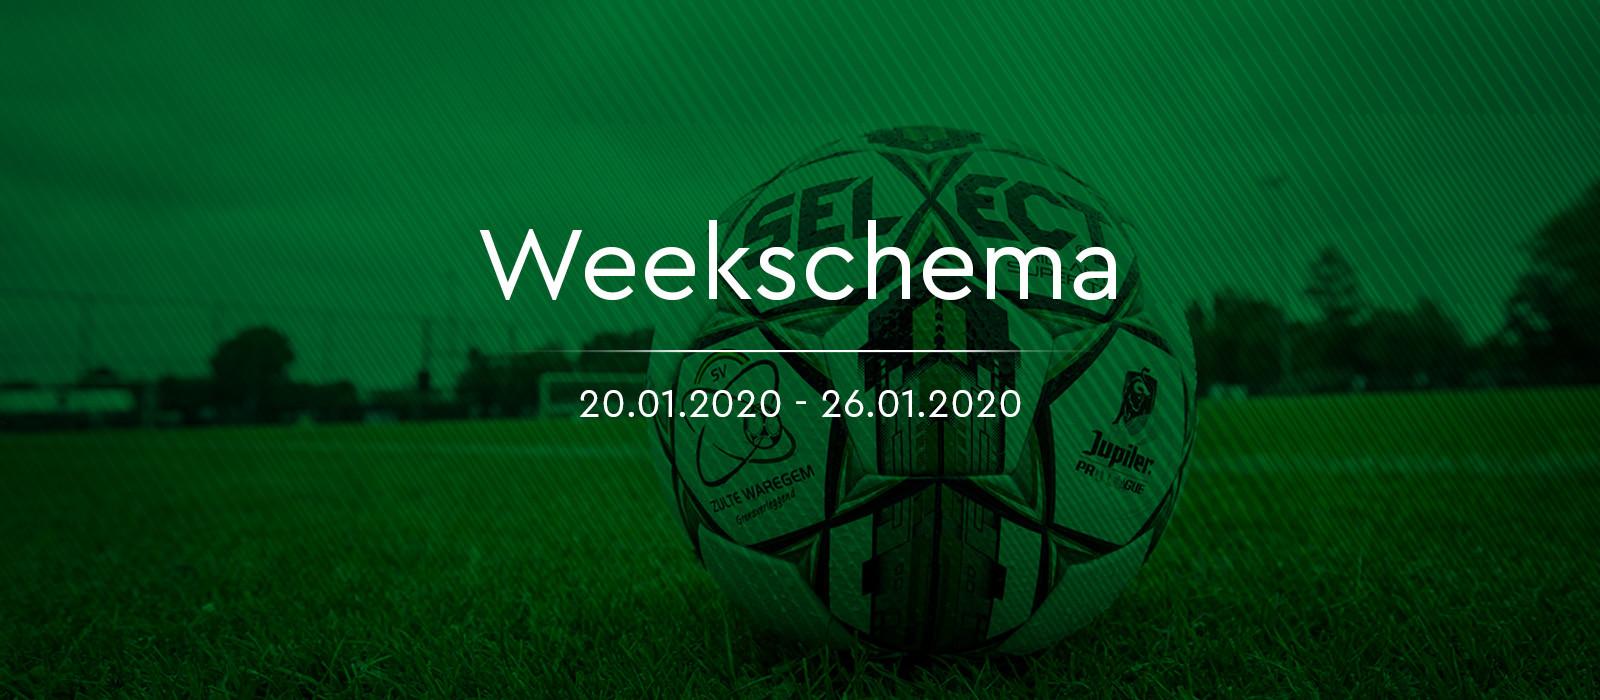 webbanner_weekschema.jpg